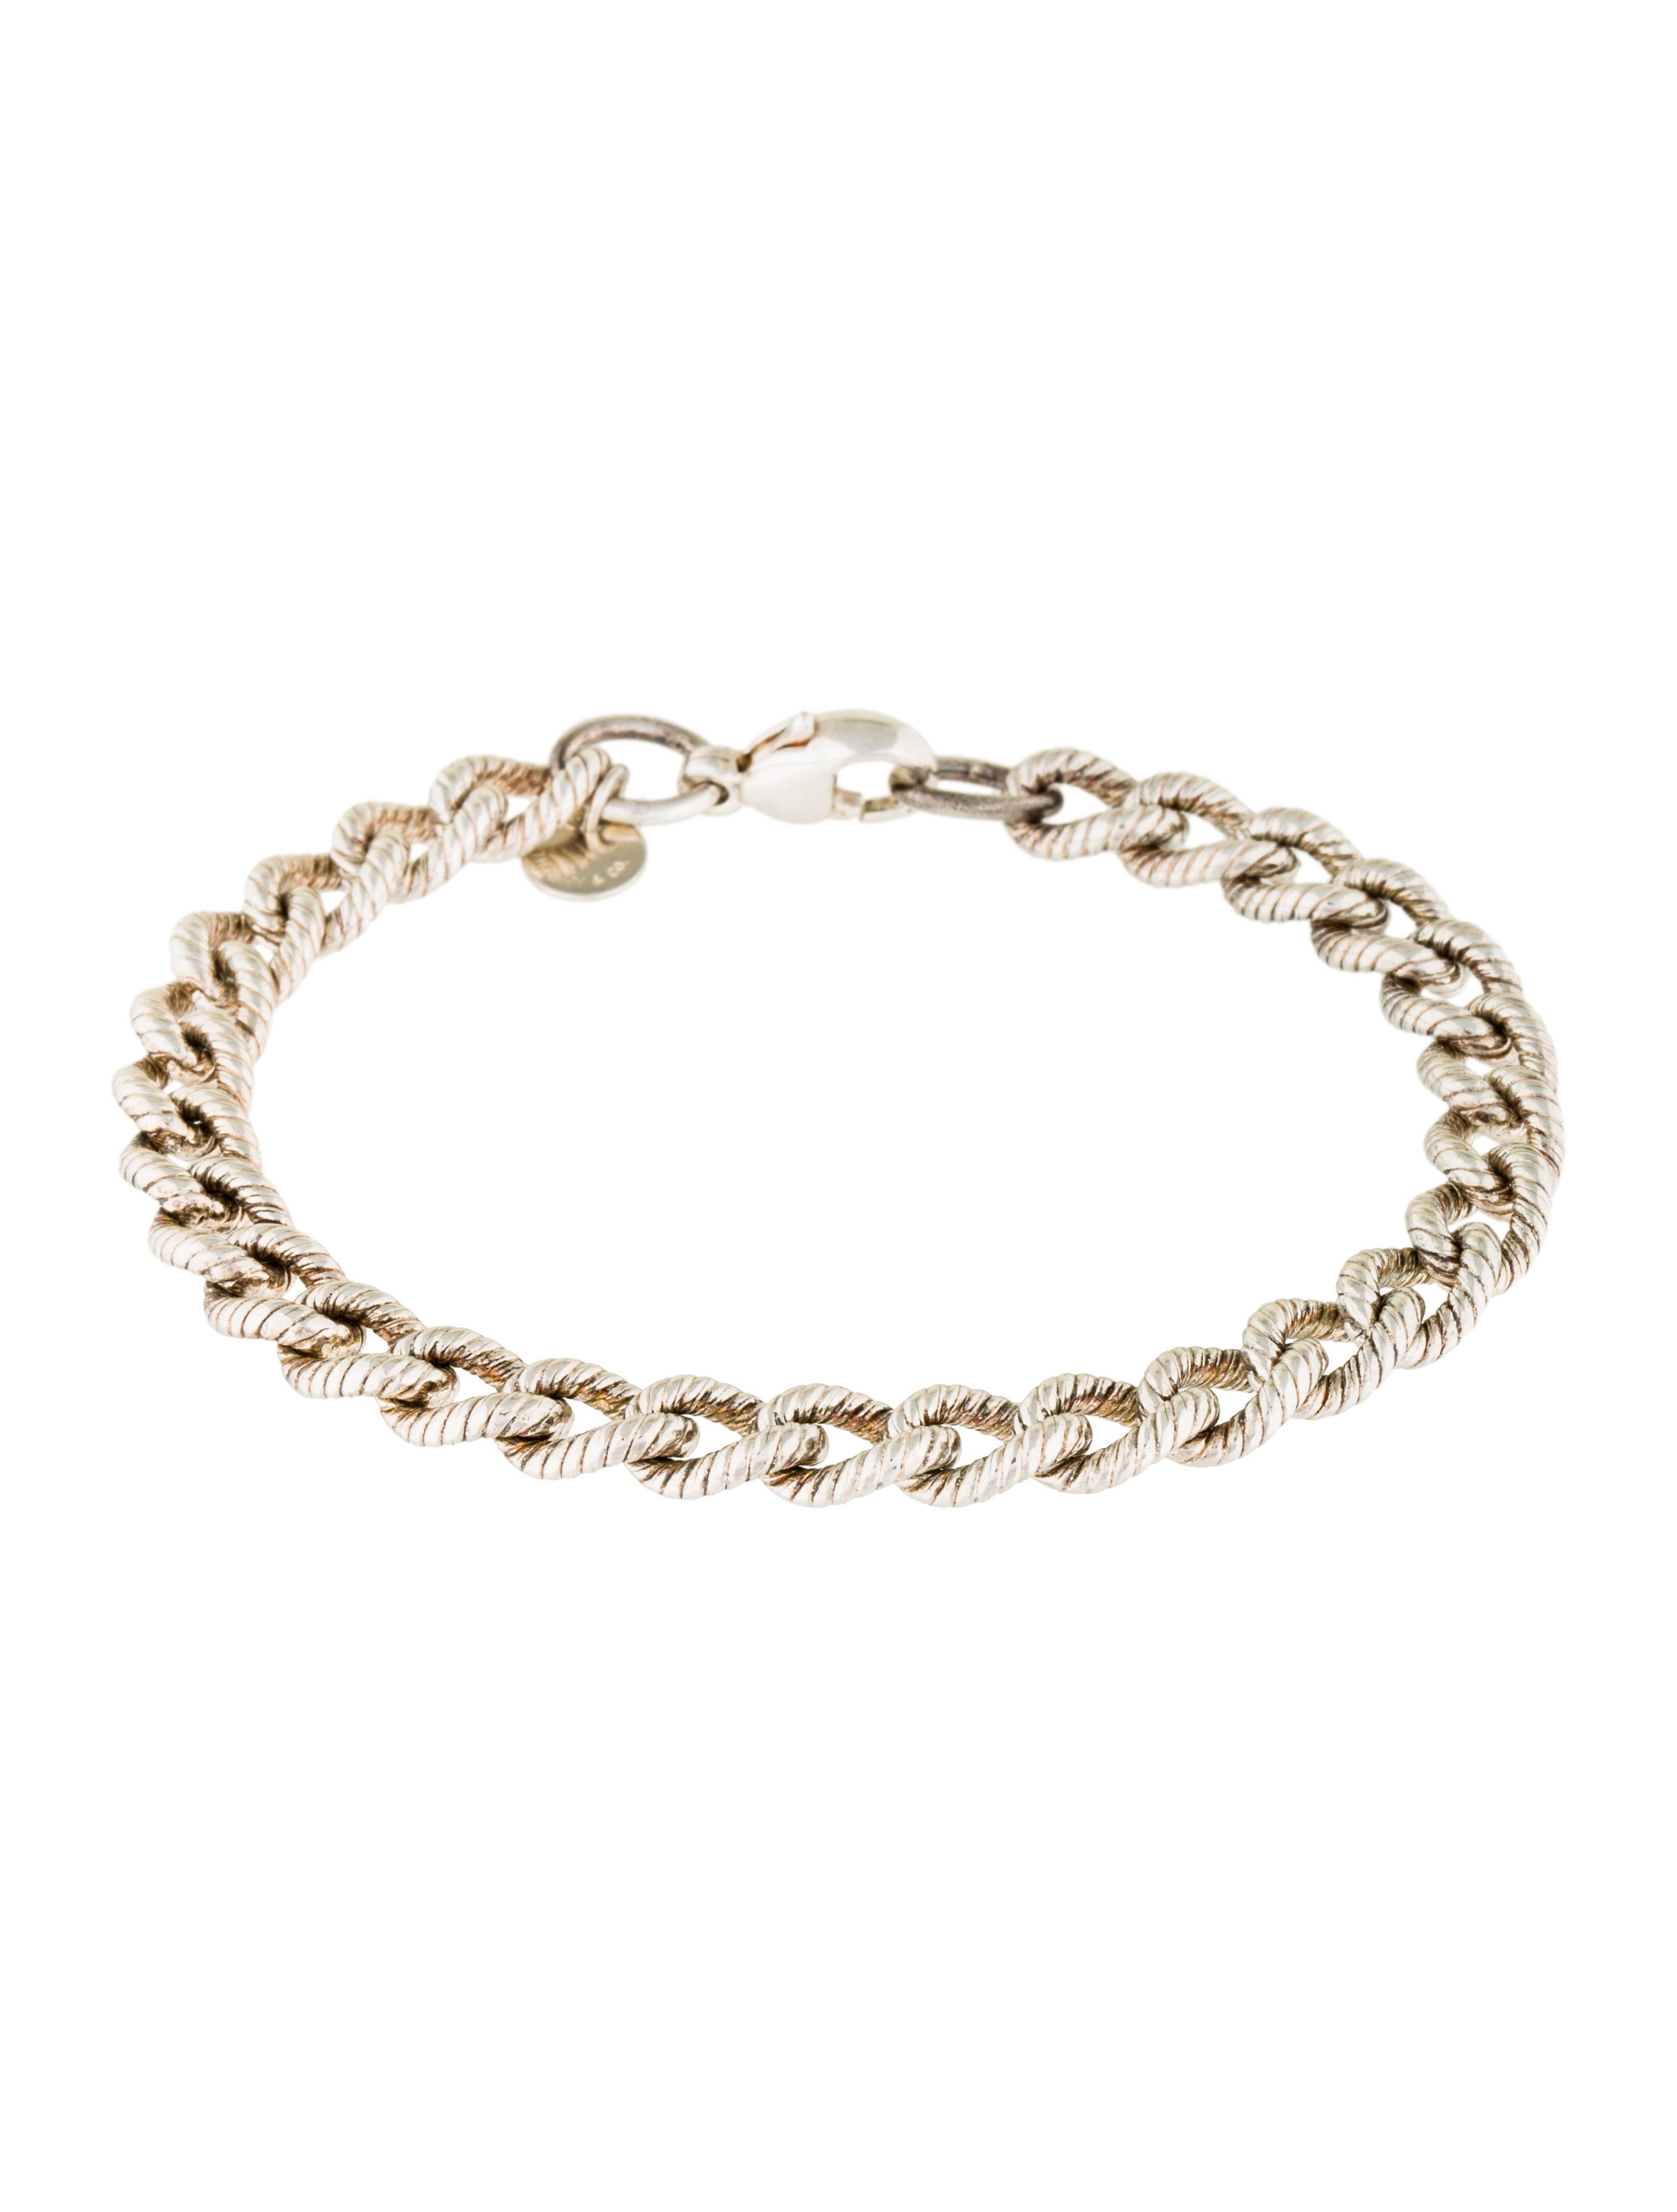 tiffany agus co bracelet